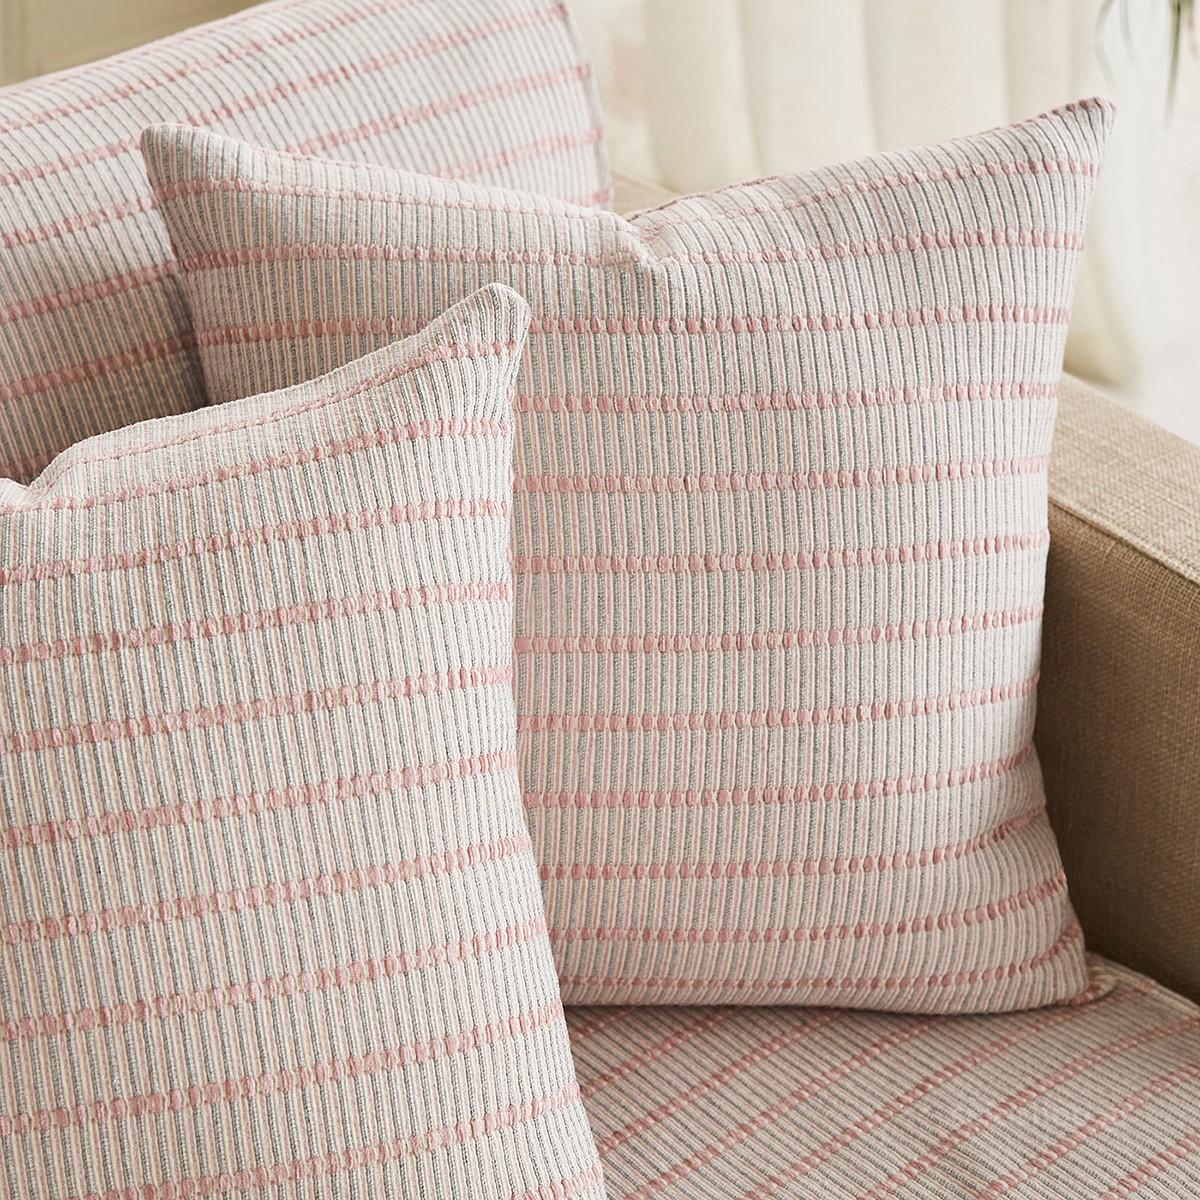 Διακοσμητική Μαξιλαροθήκη Gofis Home Solitaire Pink 476/17